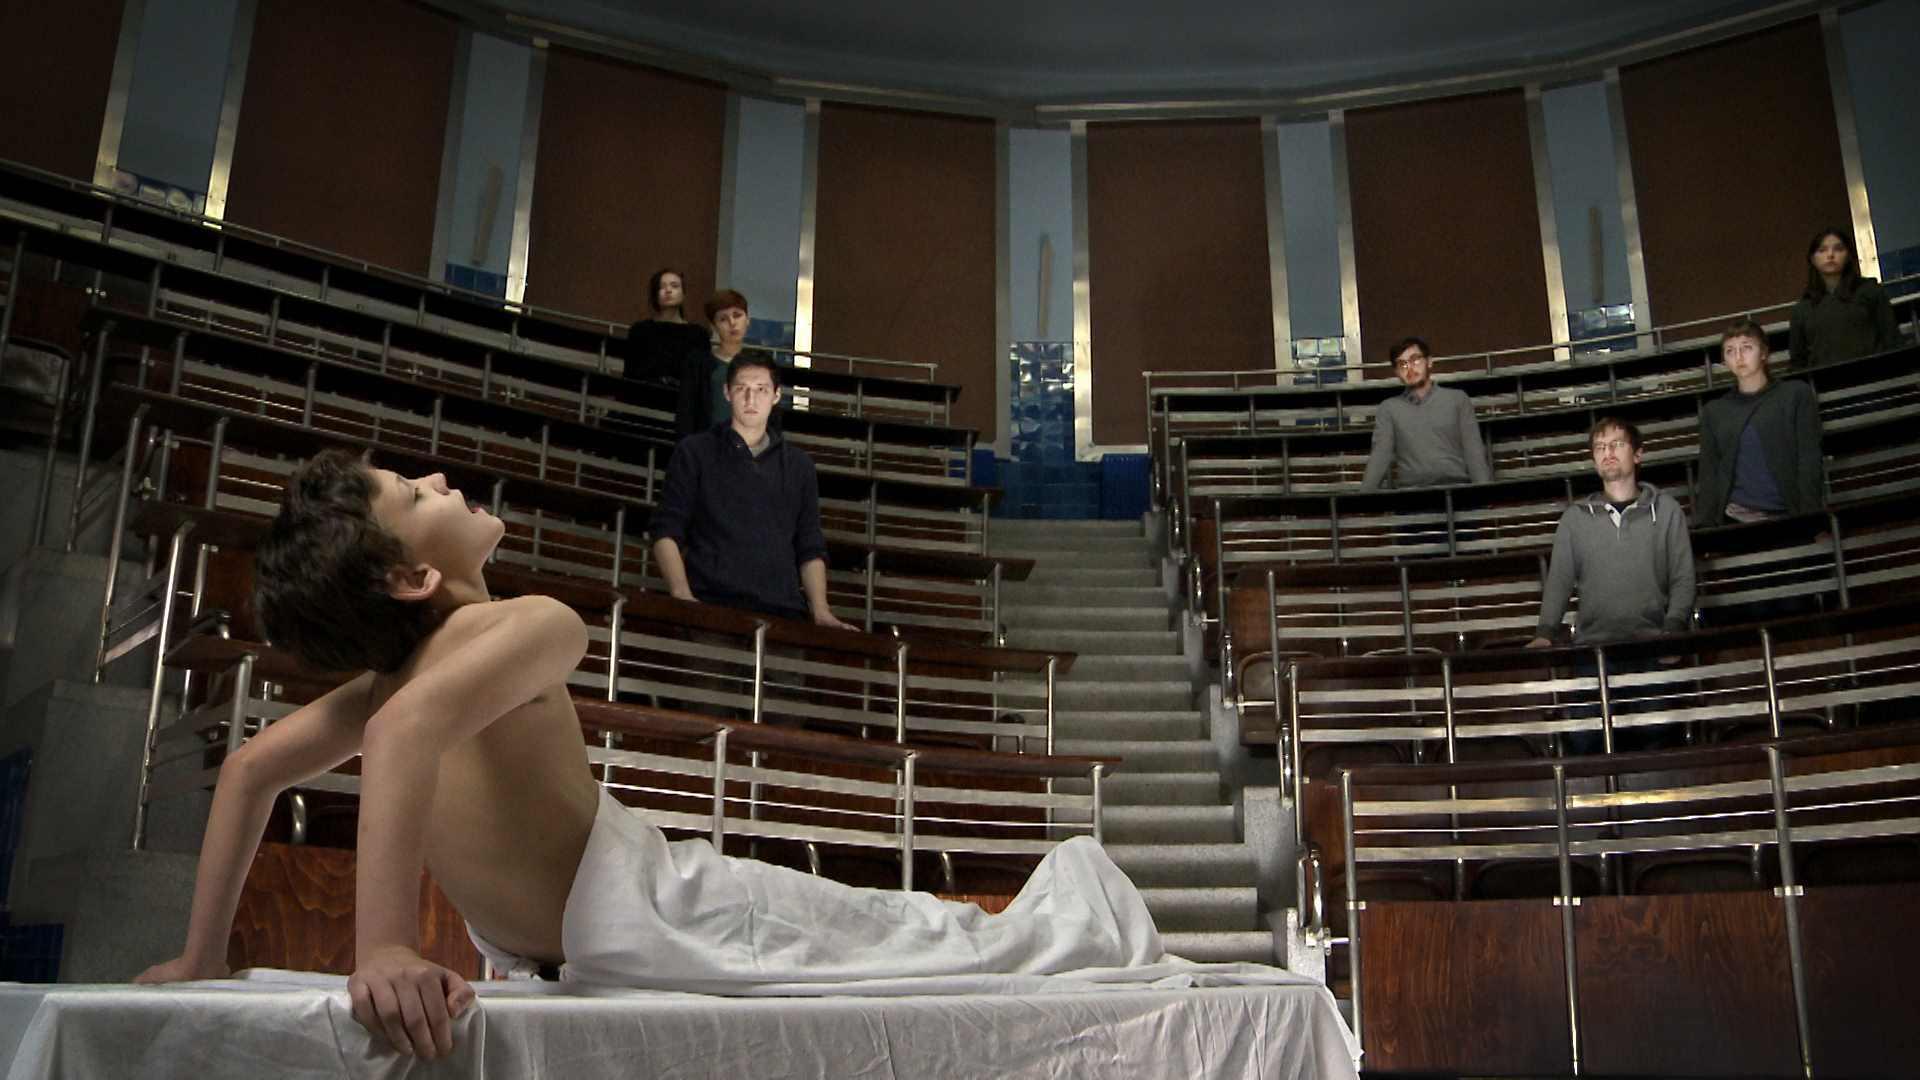 Mateusz Okoński, Jakub Woynarowski, Czeski papież, video HD, instalacja trójkanałowa, 2014